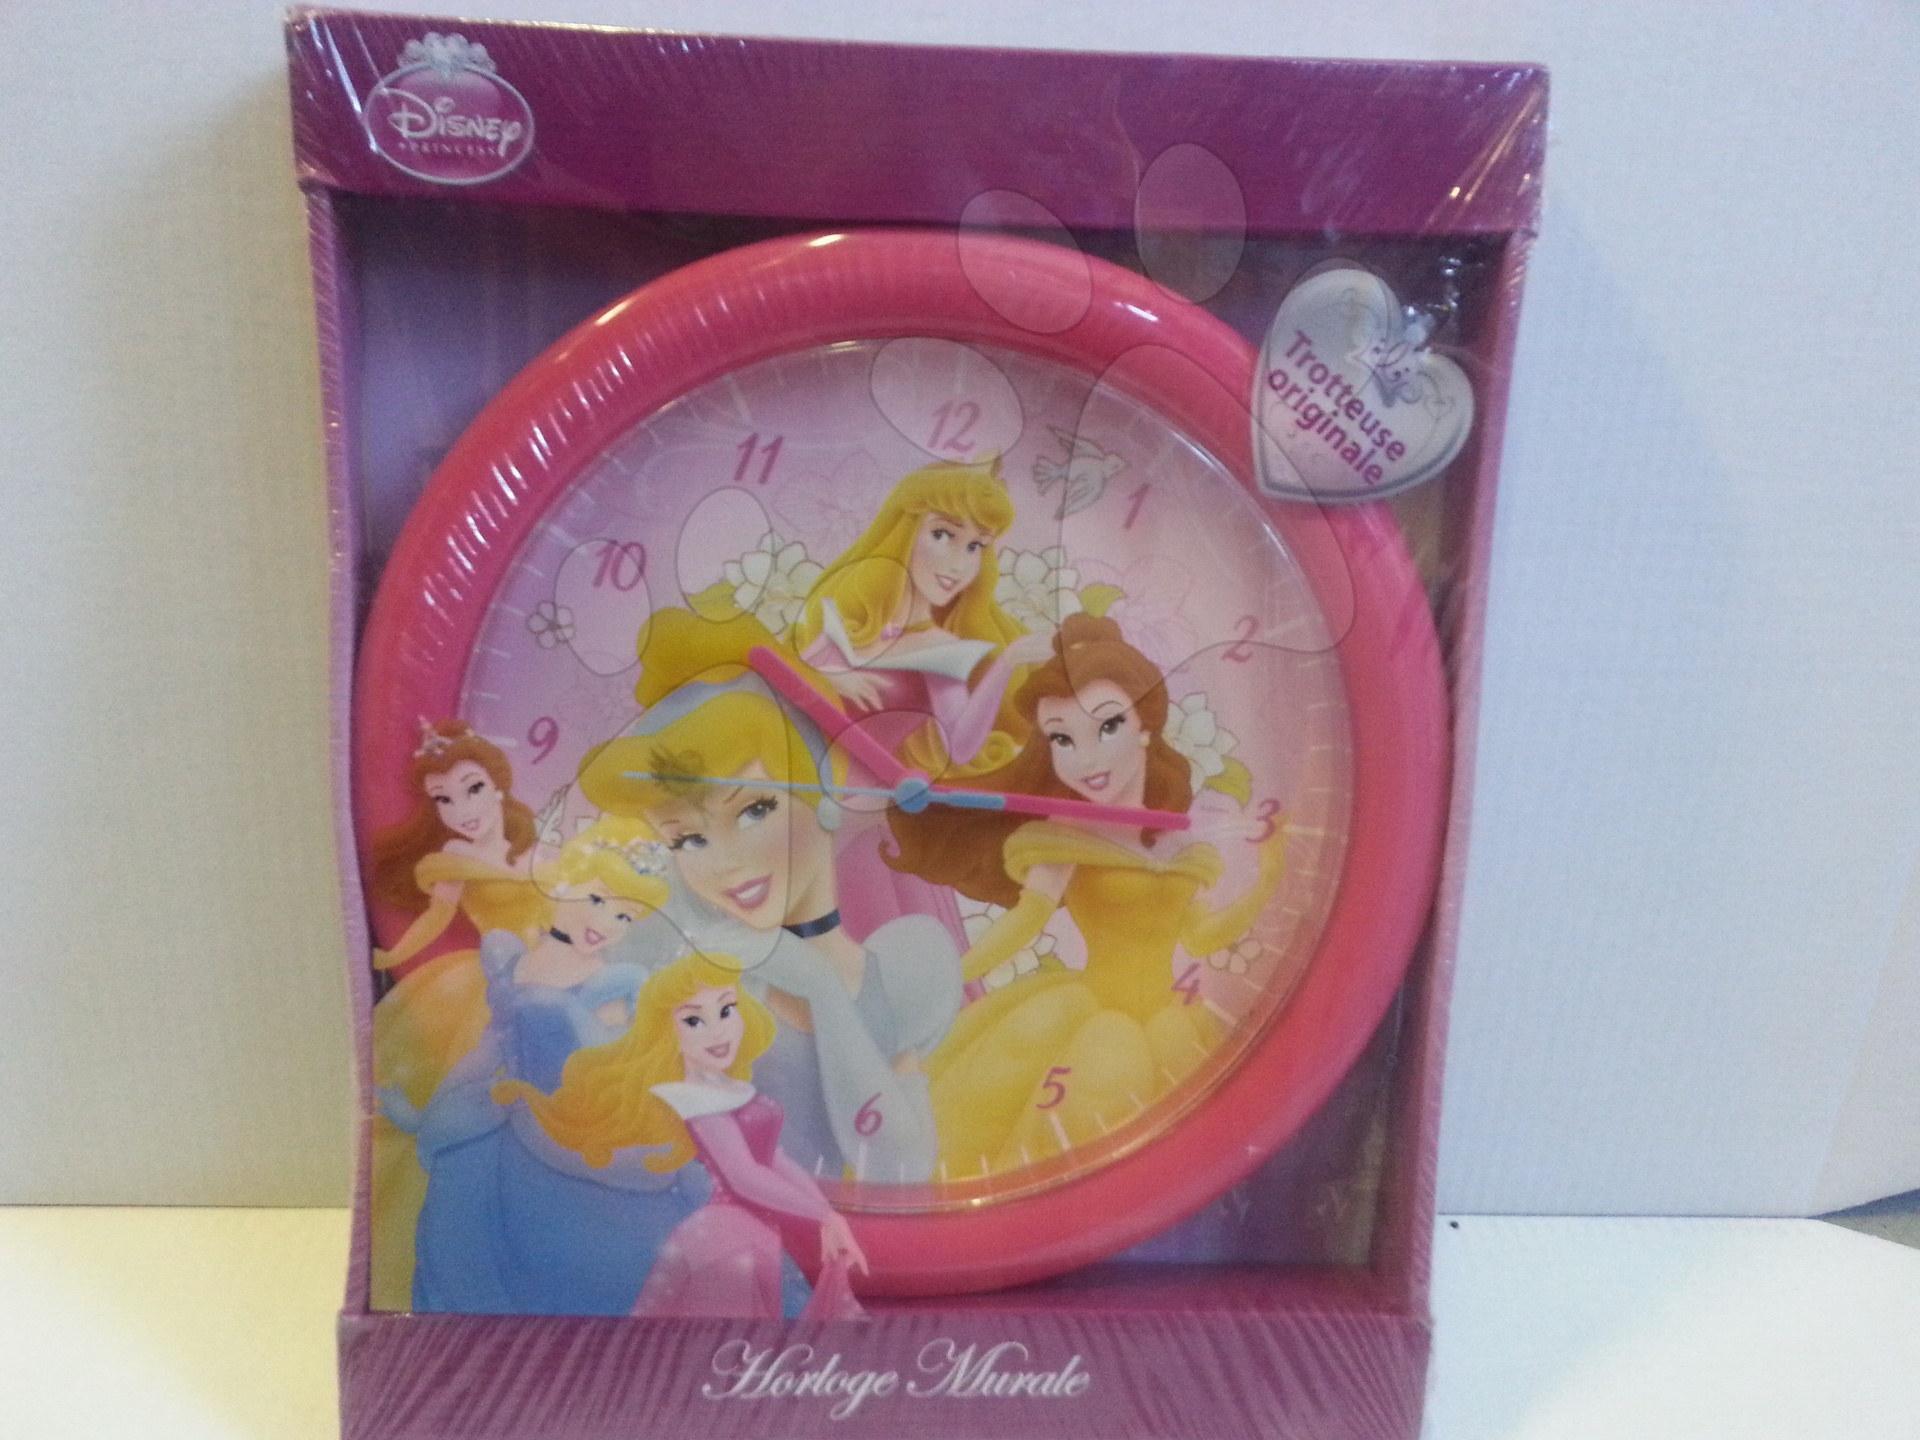 Ručné práce a tvorenie - Nástenné hodiny Princess 30*30 cm